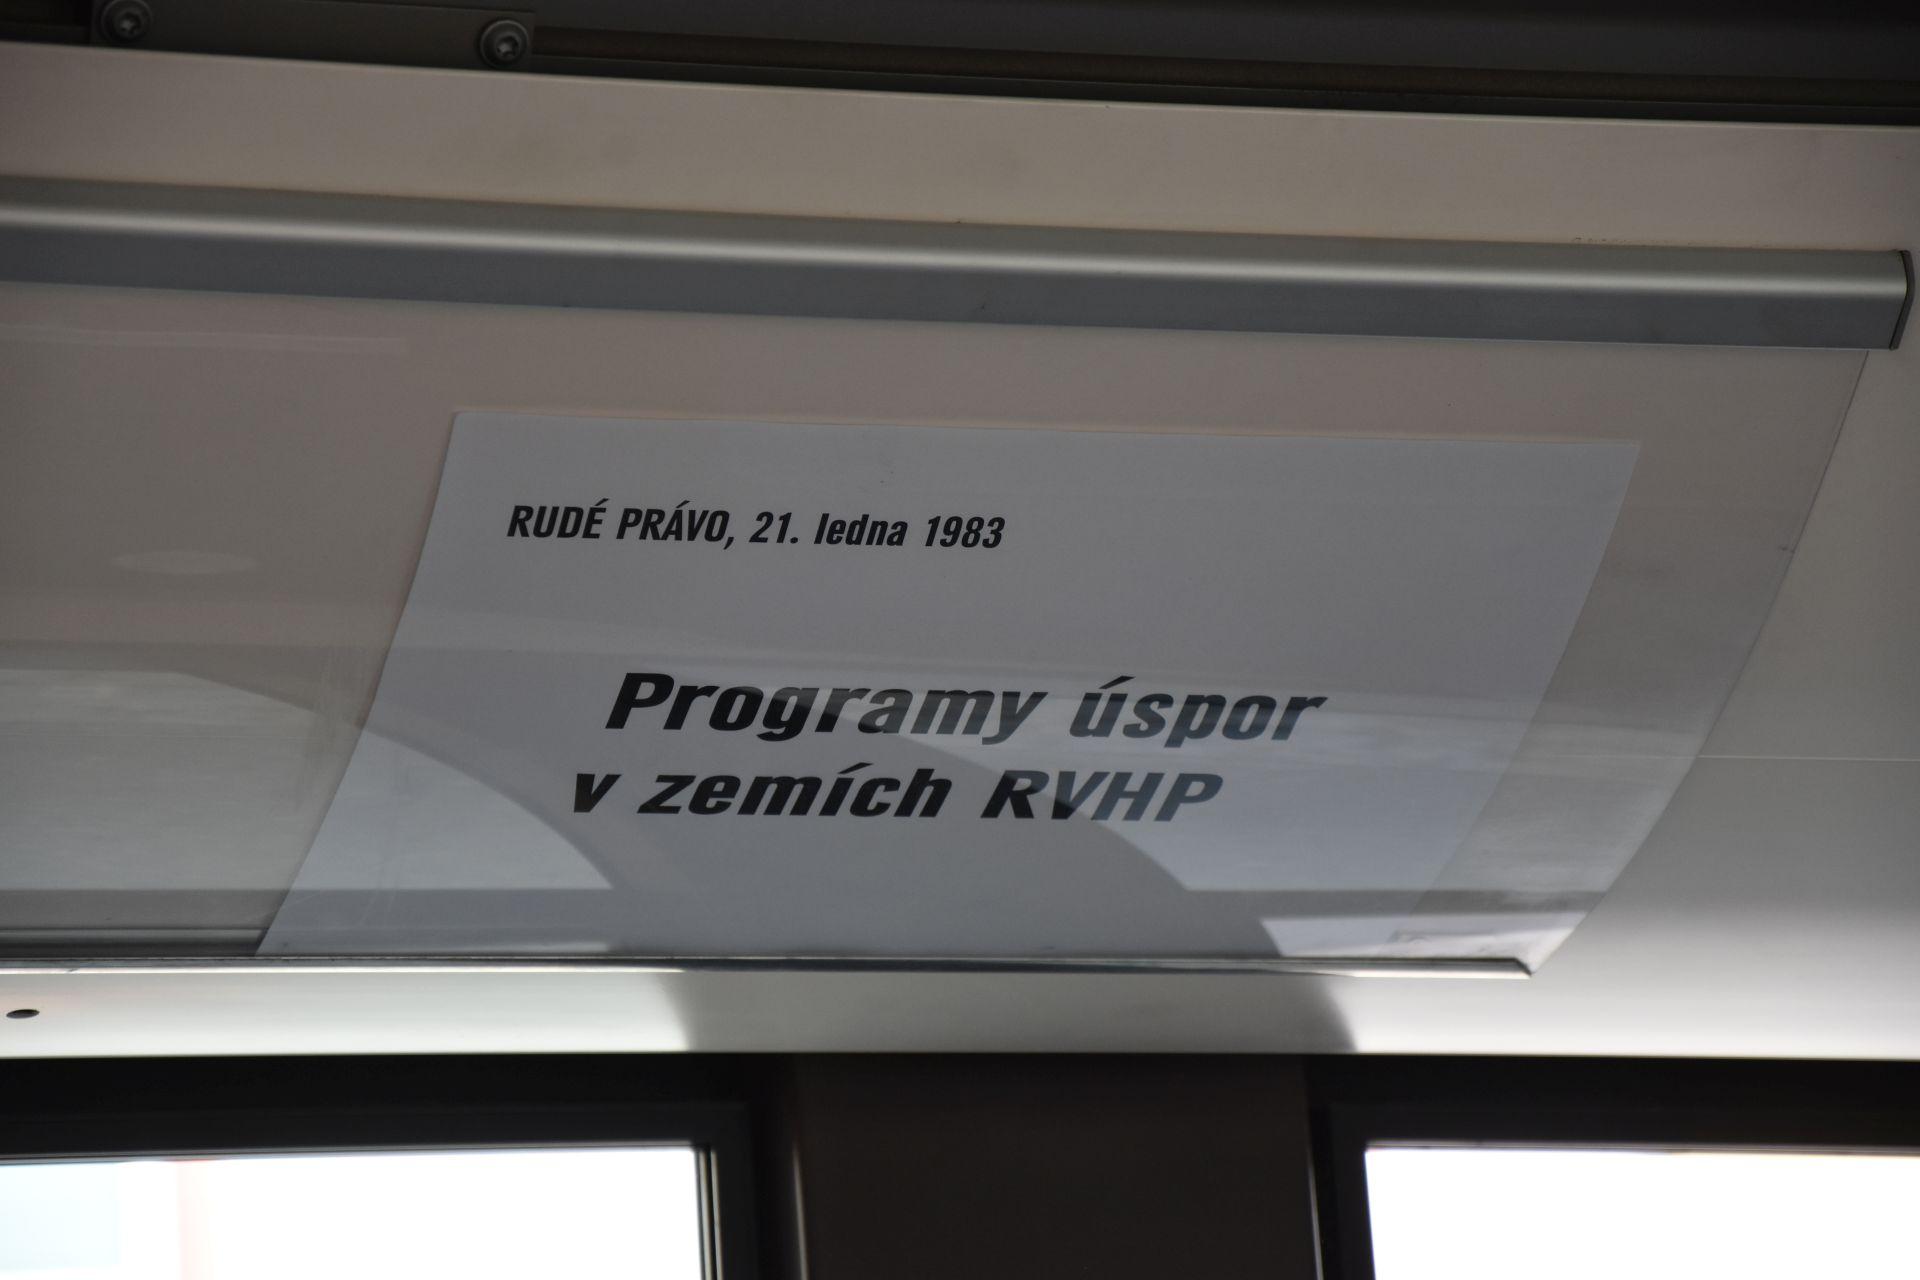 Vozidla opavské MHD zdobí socialistická hesla. Autor: Lukáš Klíma